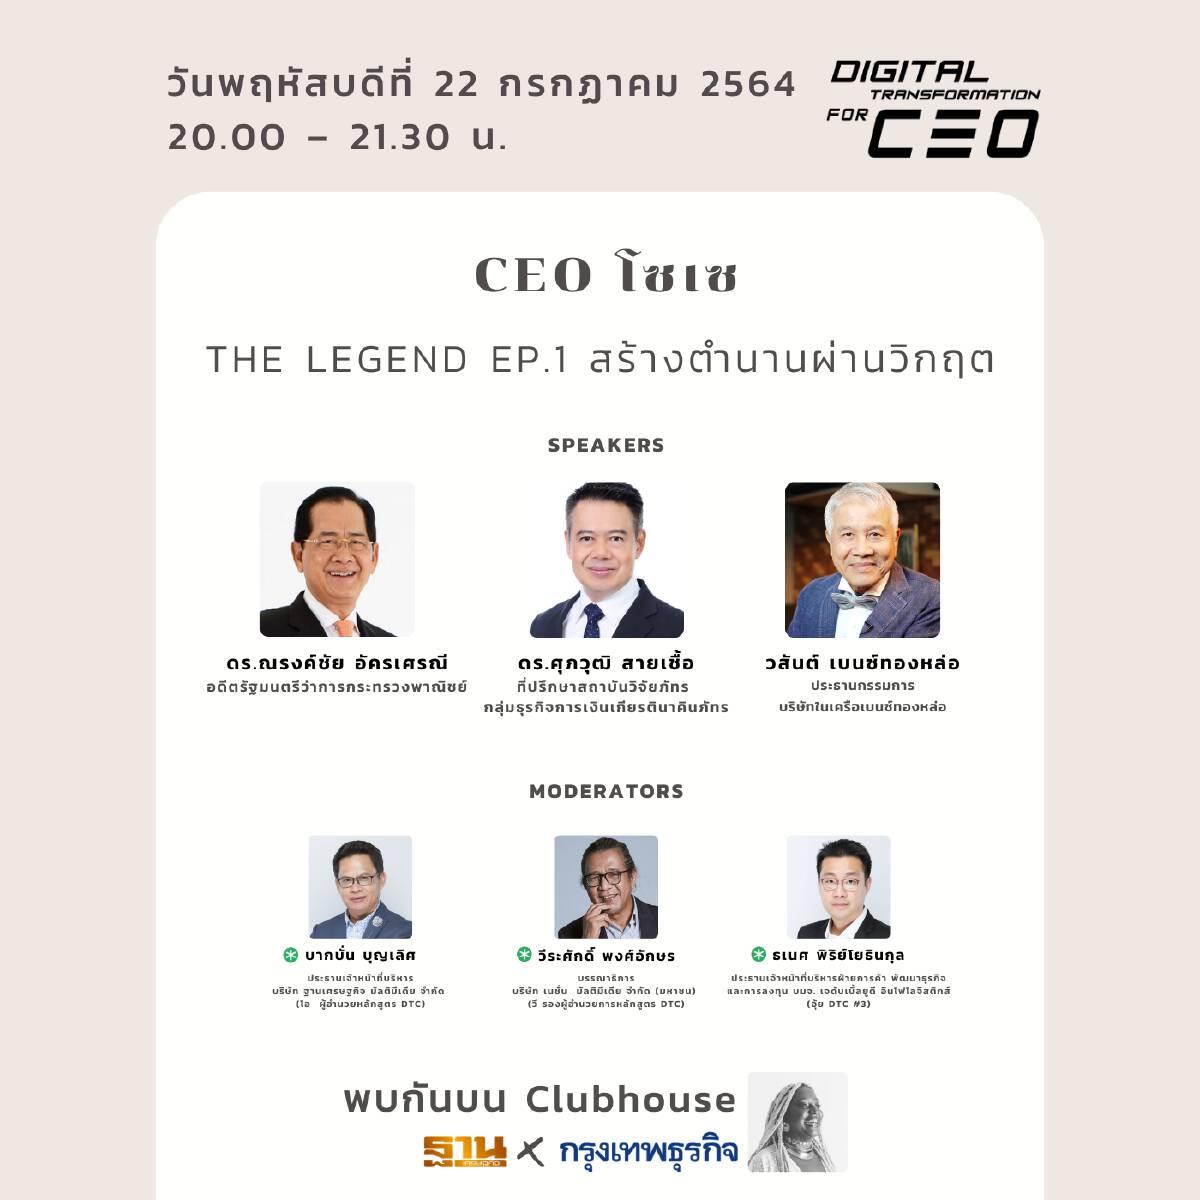 CEO โซเซ The Legend…สร้างตำนานผ่านวิกฤต